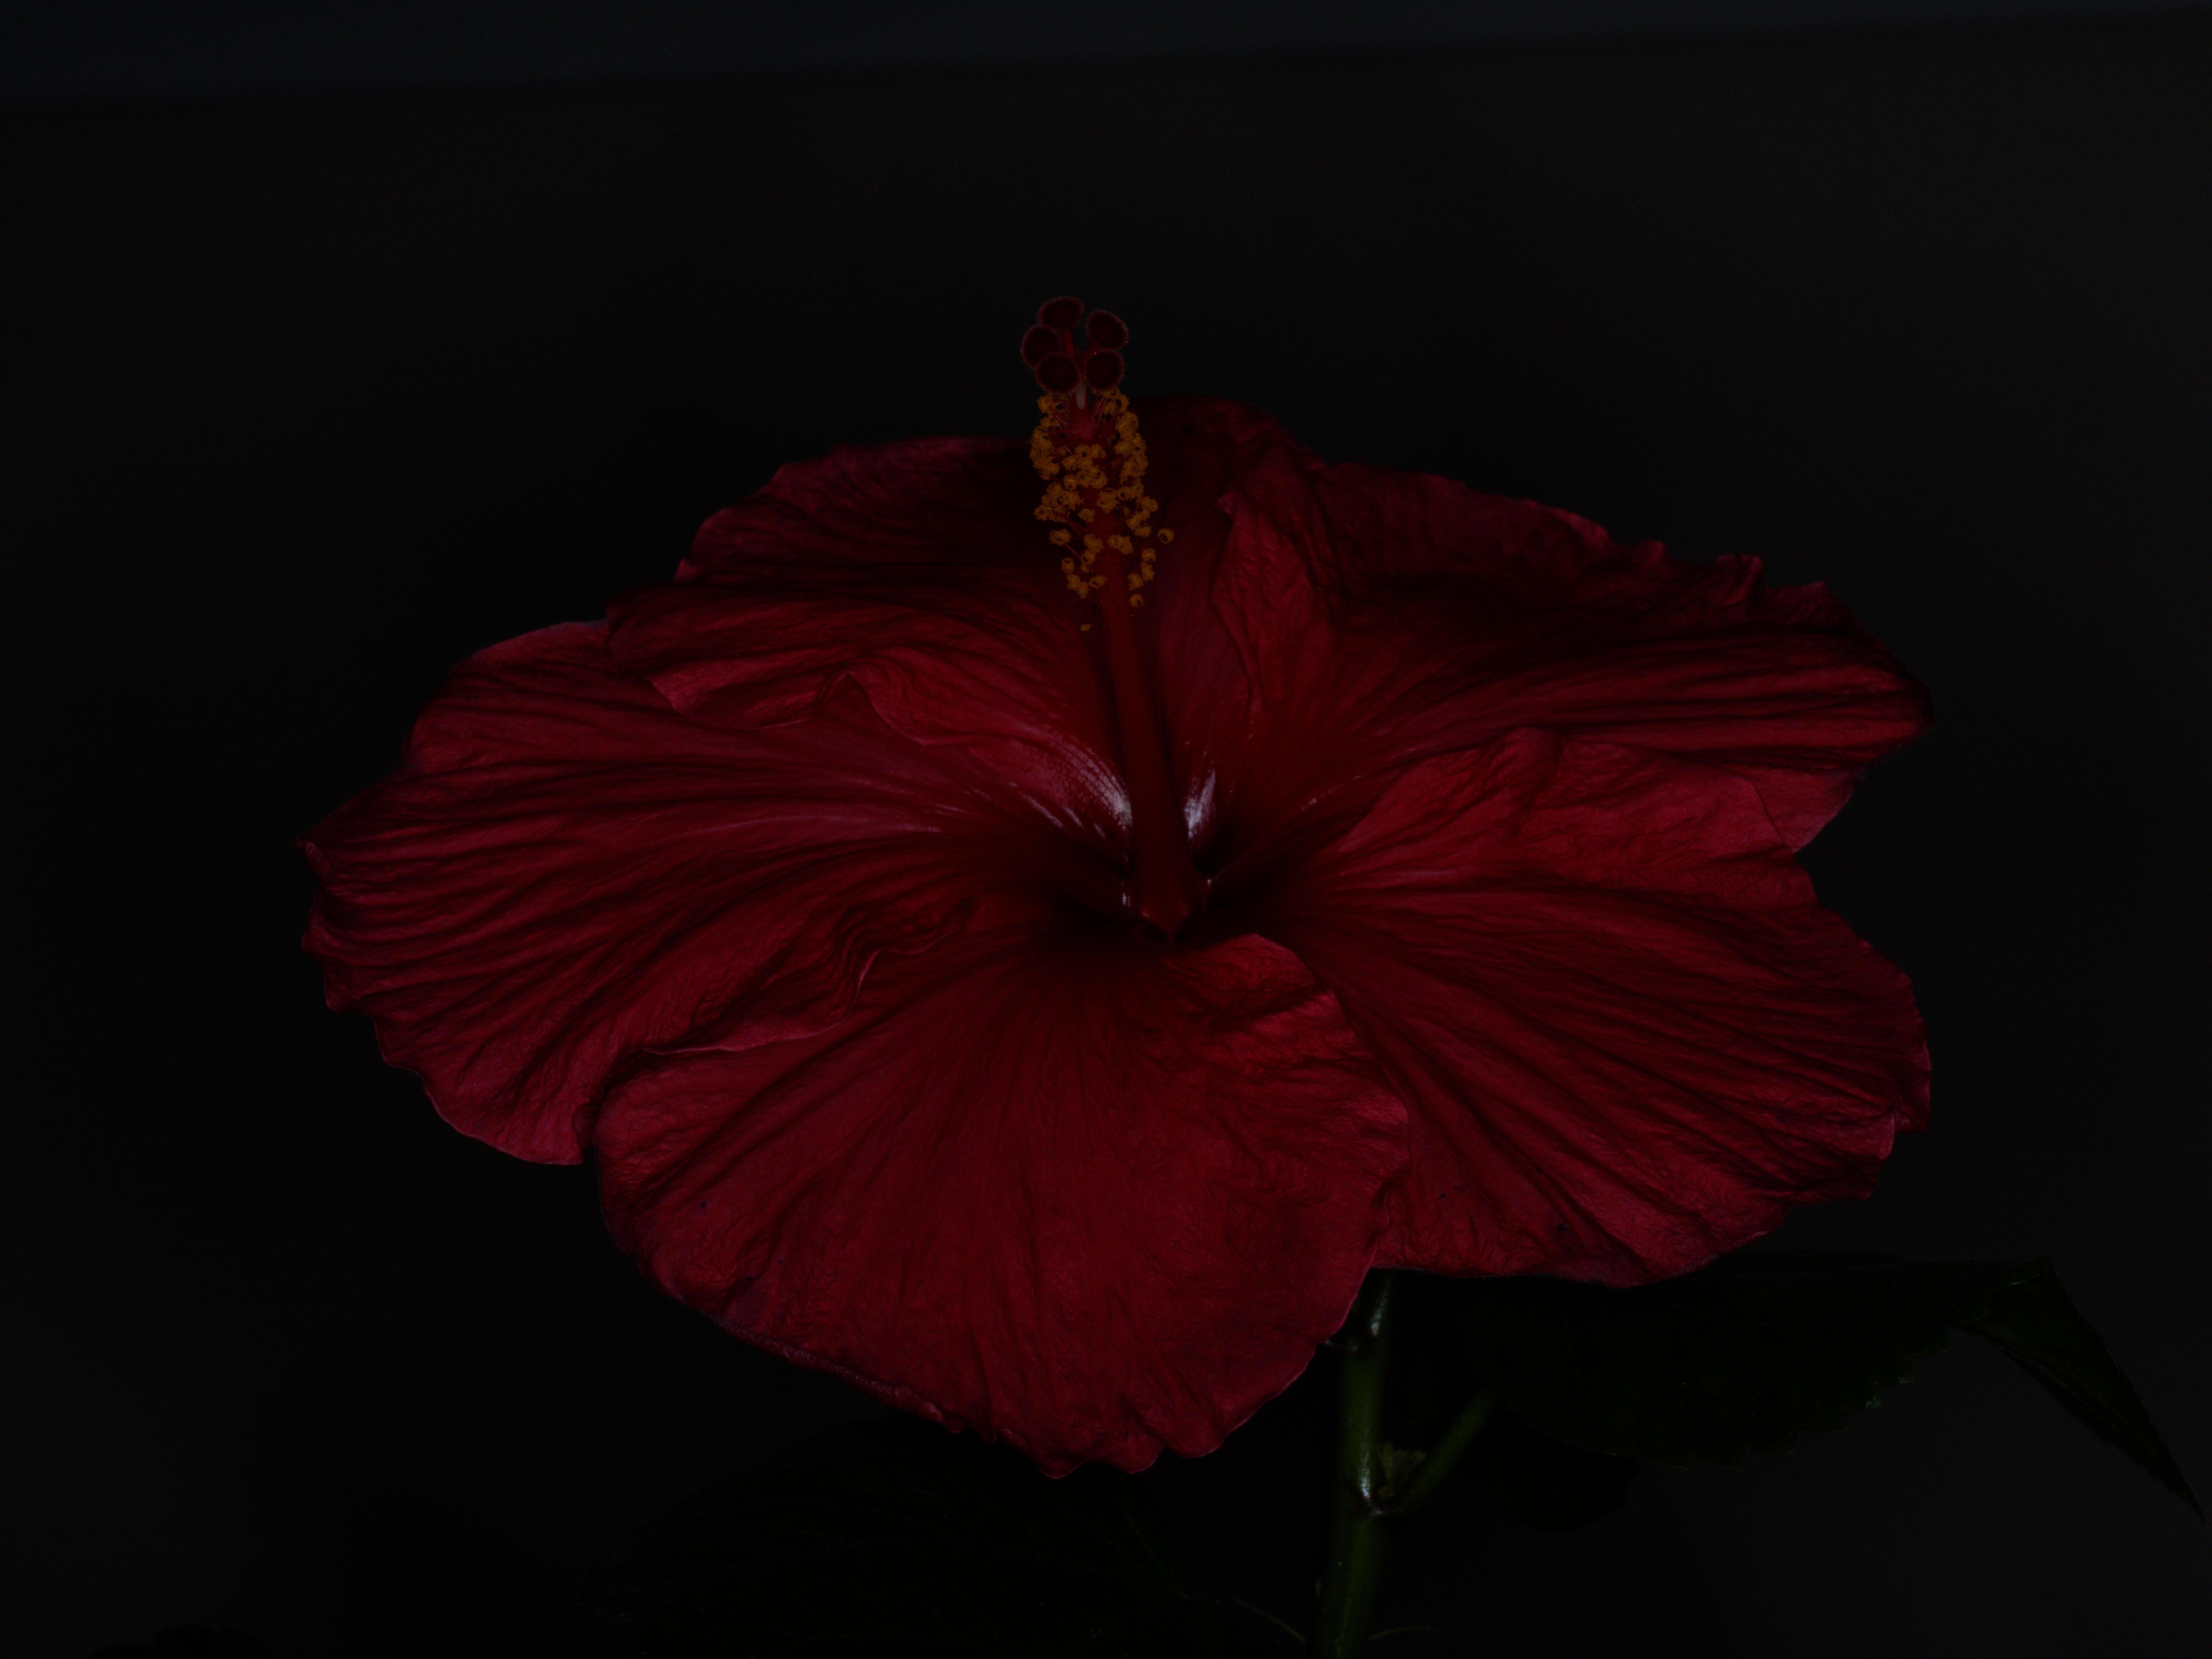 Hibiscus-Viltrox-1.jpeg